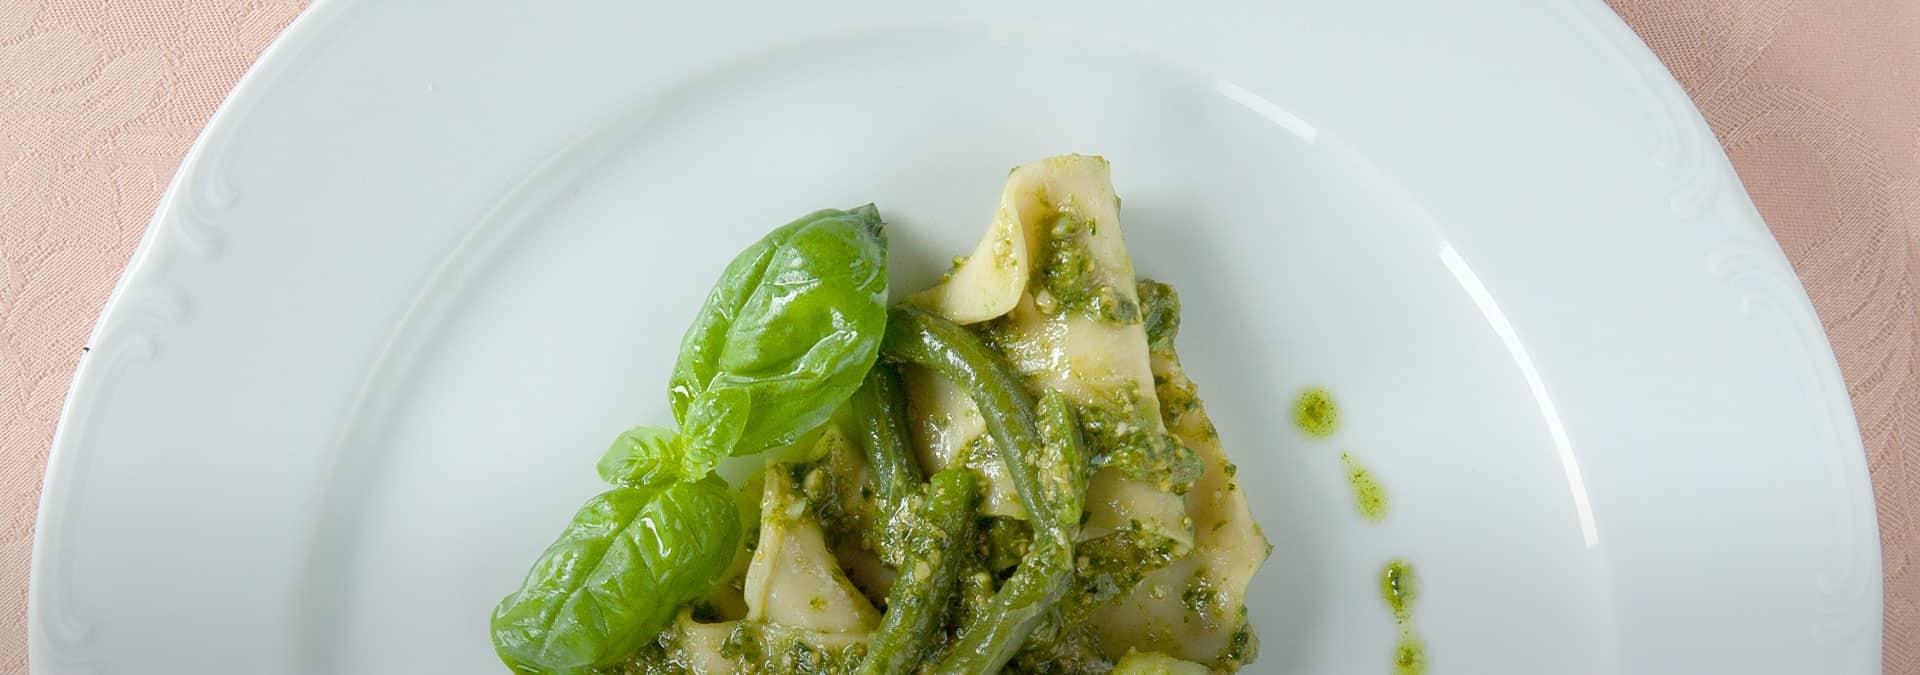 Lasagne al pesto, Trattoria du Ruscin, ph credit Rossella Murgia